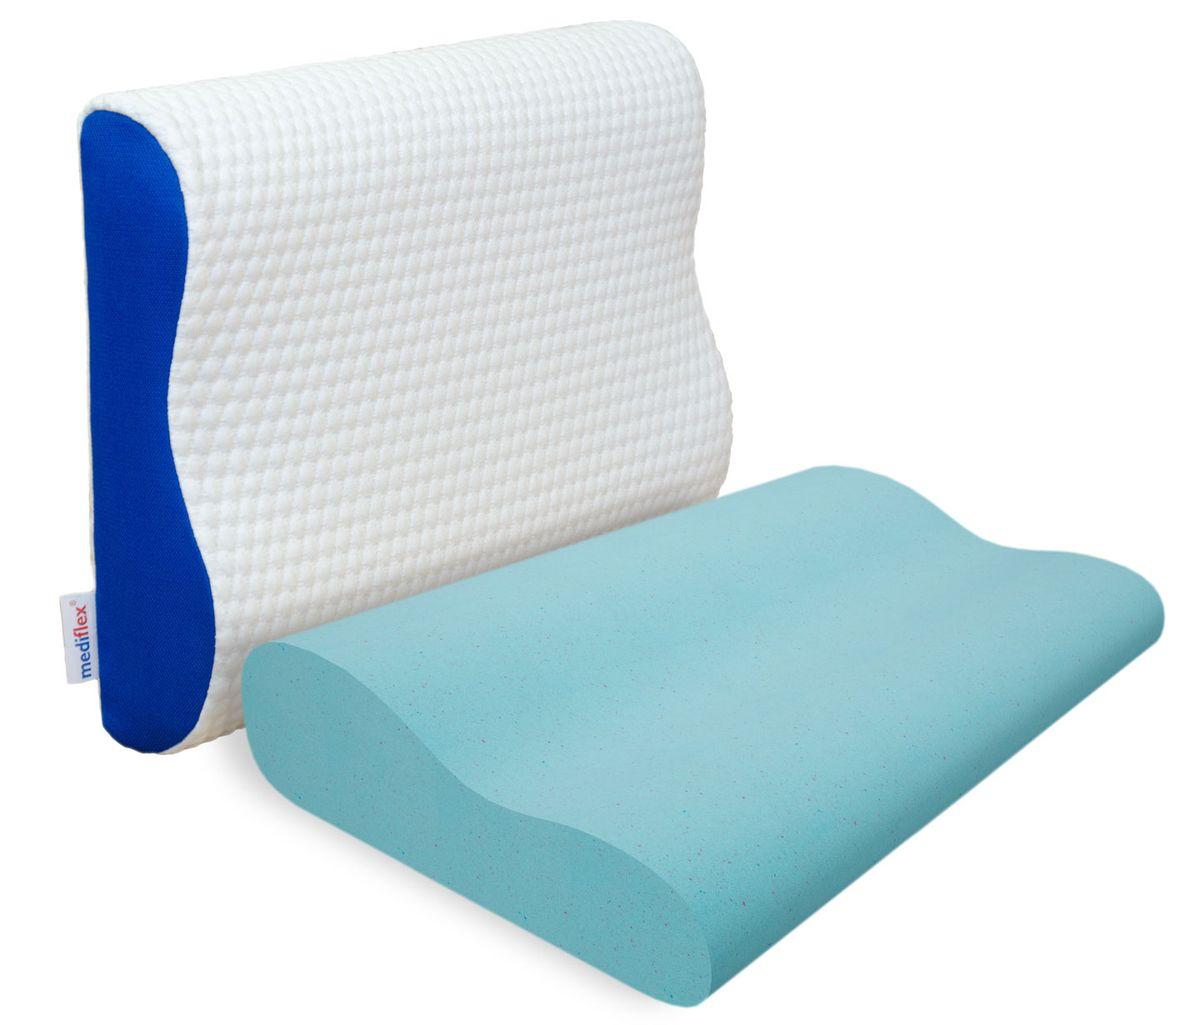 Подушка ортопедическая Mediflex Ergoform, 60 х 40 х 9 смPO.ERGOFСон на неправильной подушке является причиной ухудшения качества сна. Подушки разработаны специалистами лаборатории сна совместно с академиком В.И. Дикулем, гарантируют поддержку шейных позвонков во время сна.